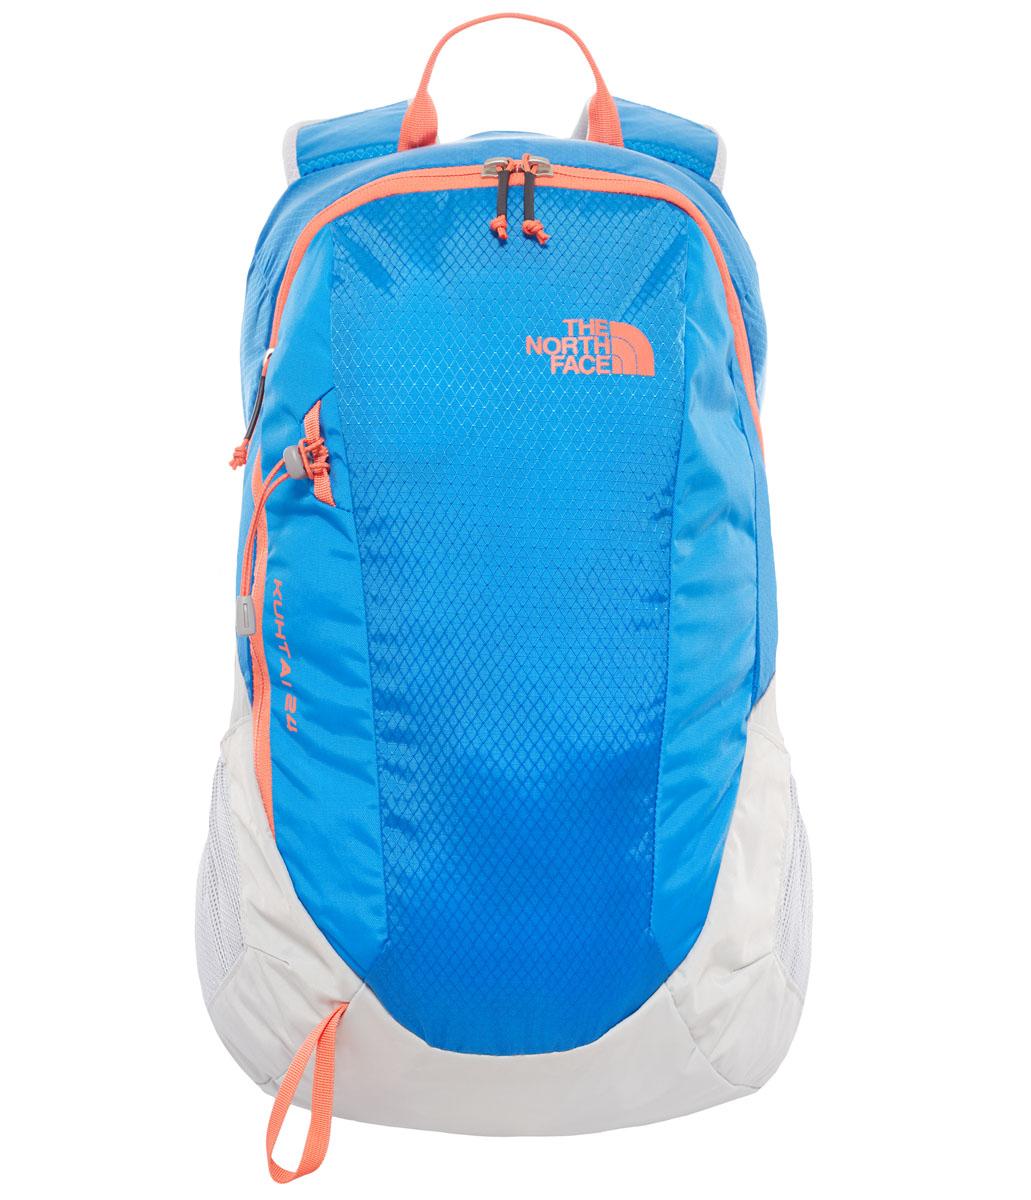 Рюкзак спортивный The North Face KUHTAI 24, 24 л, цвет: синий. T0CWU1EQNT0CWU1EQNKuhtai 24 - прекрасный вариант 24-литрового рюкзака для активных летних выходов, когда важен каждый грамм и нужна вентиляция спины. Сетчатая задняя панель NextVent™ позволяет спине высыхать во время интенсивных нагрузок, а дождевой чехол в комплекте сохранит важное содержимое сухим.